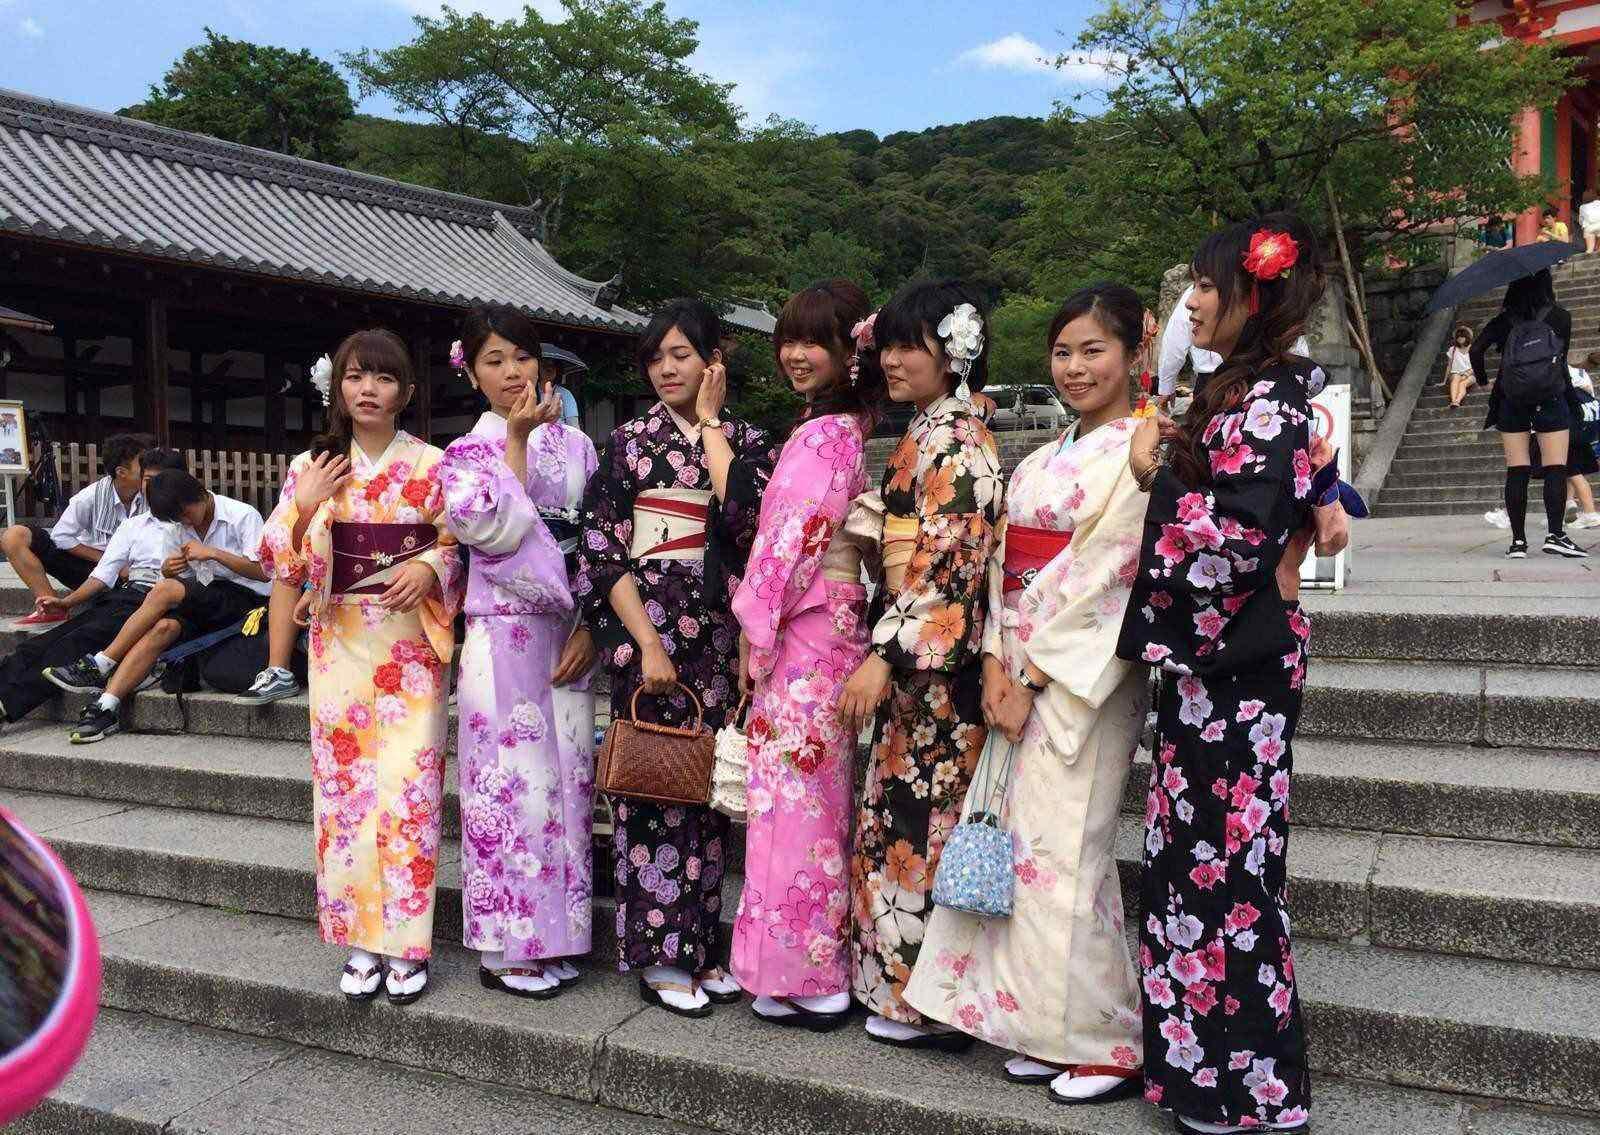 超4成日本年轻女性不结婚不恋爱 为什么会这样